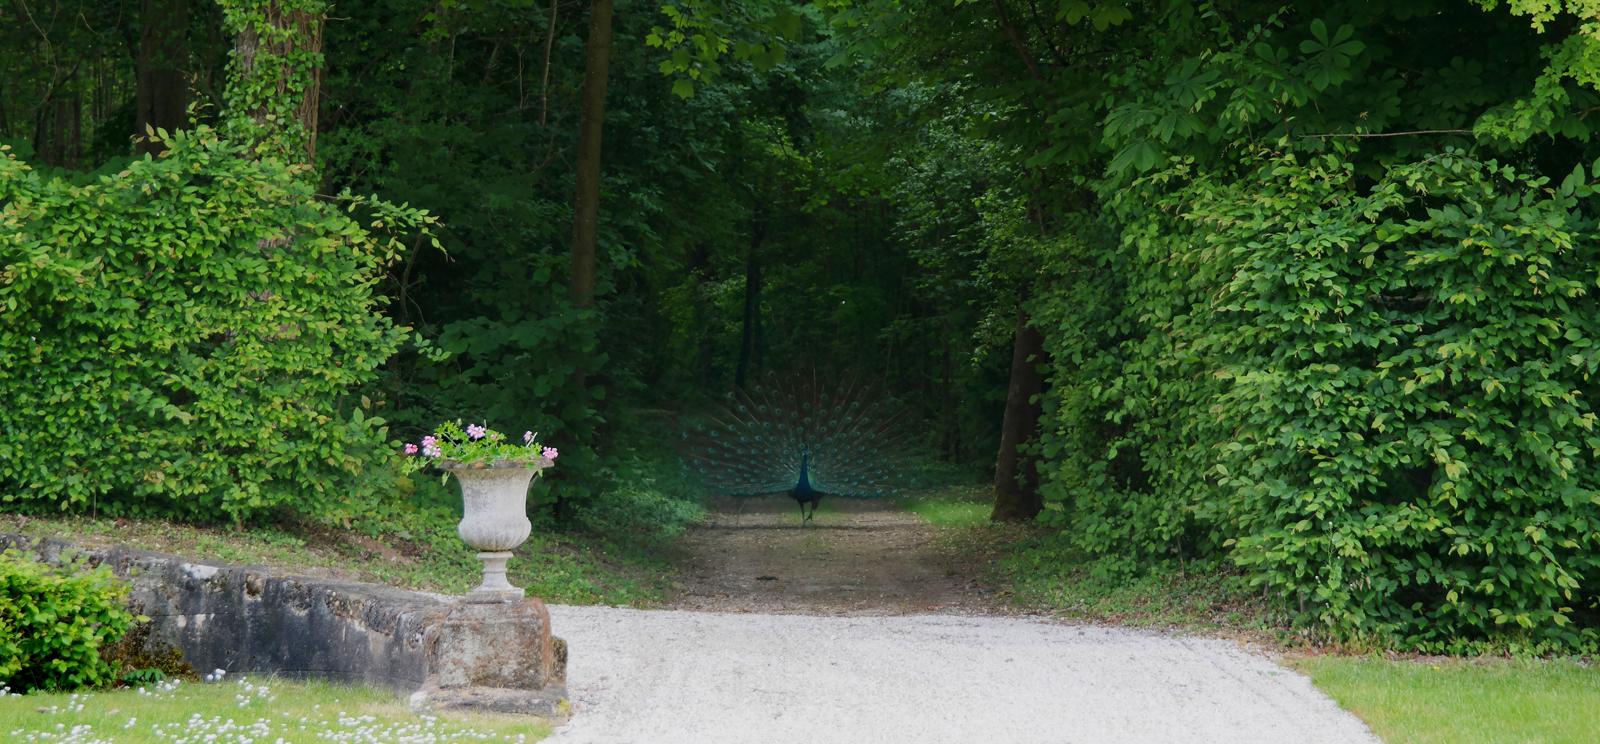 Abb terray expo ch teau de la motte tilly domaine du for Exposition jardin versailles 2015